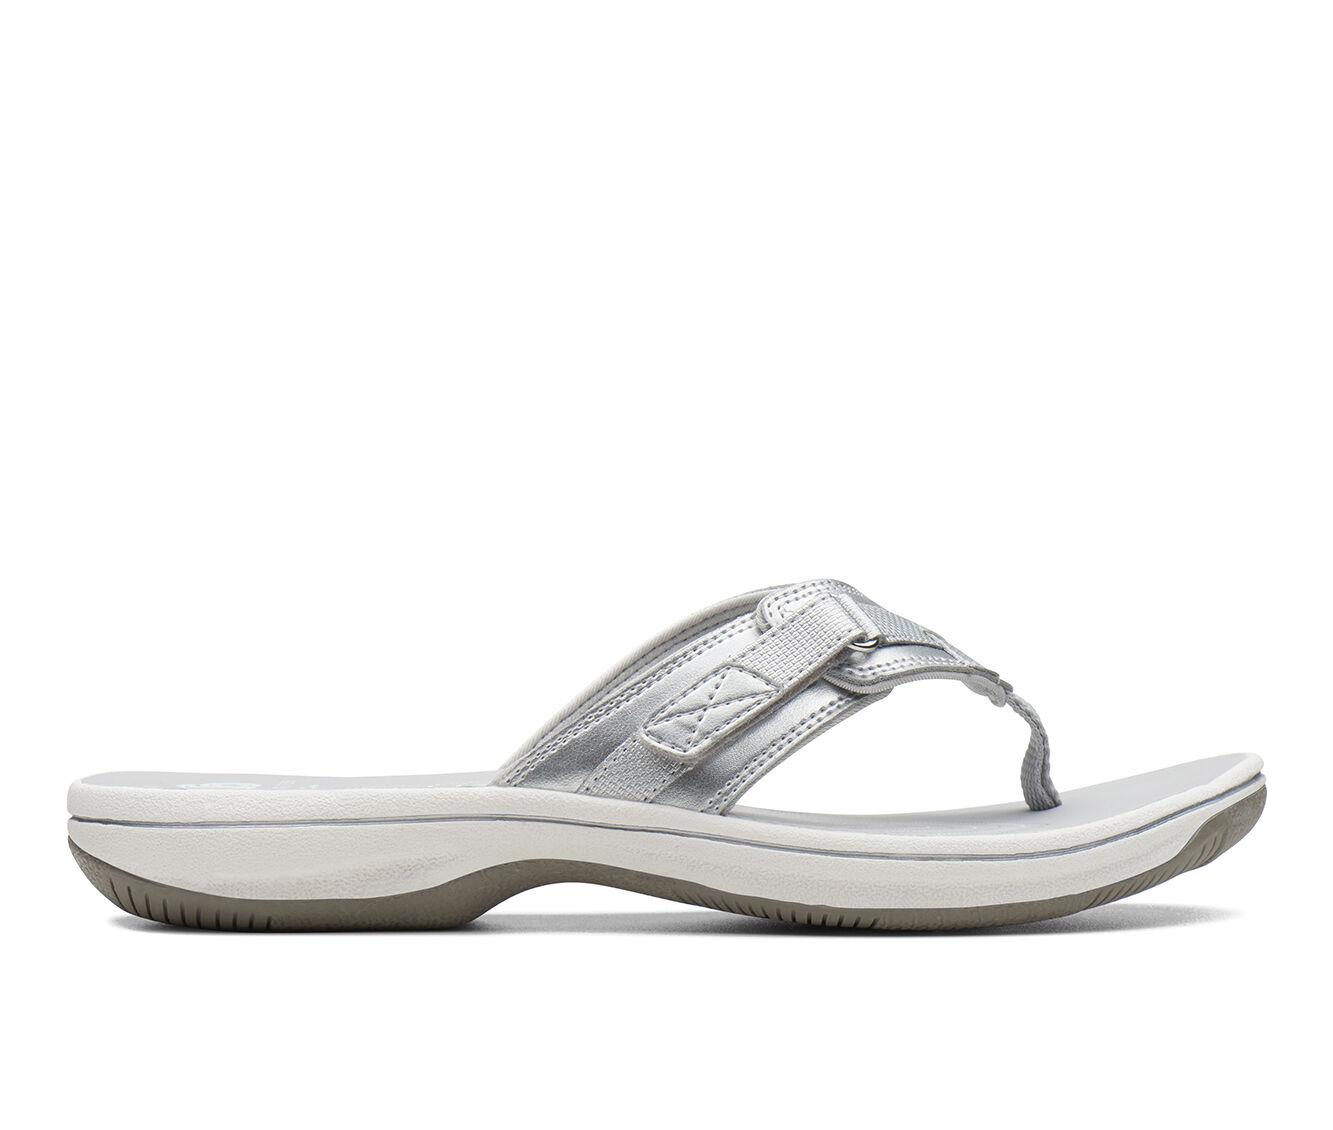 Women's Clarks Breeze Sea Sandals Silver Syn